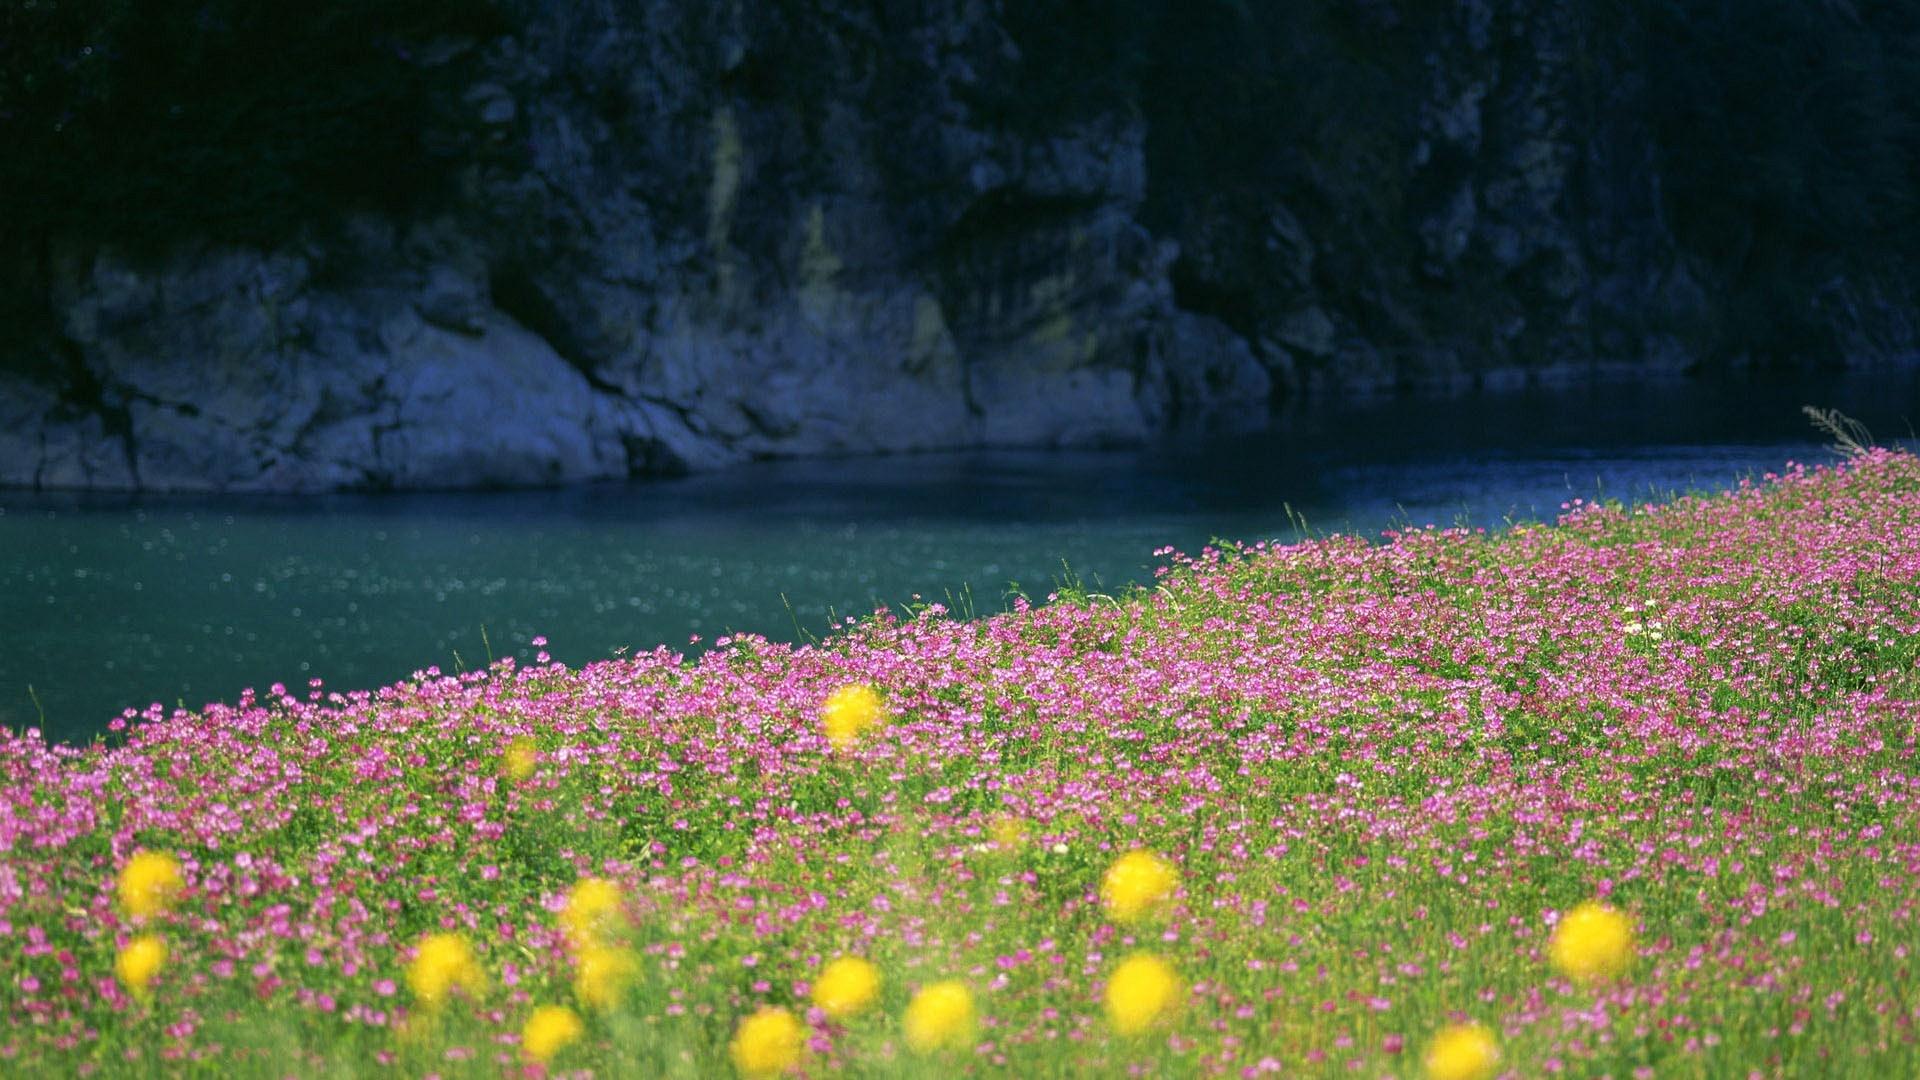 Sfondi hd natura fiume e fiori sfondi hd gratis for Sfondi hd natura